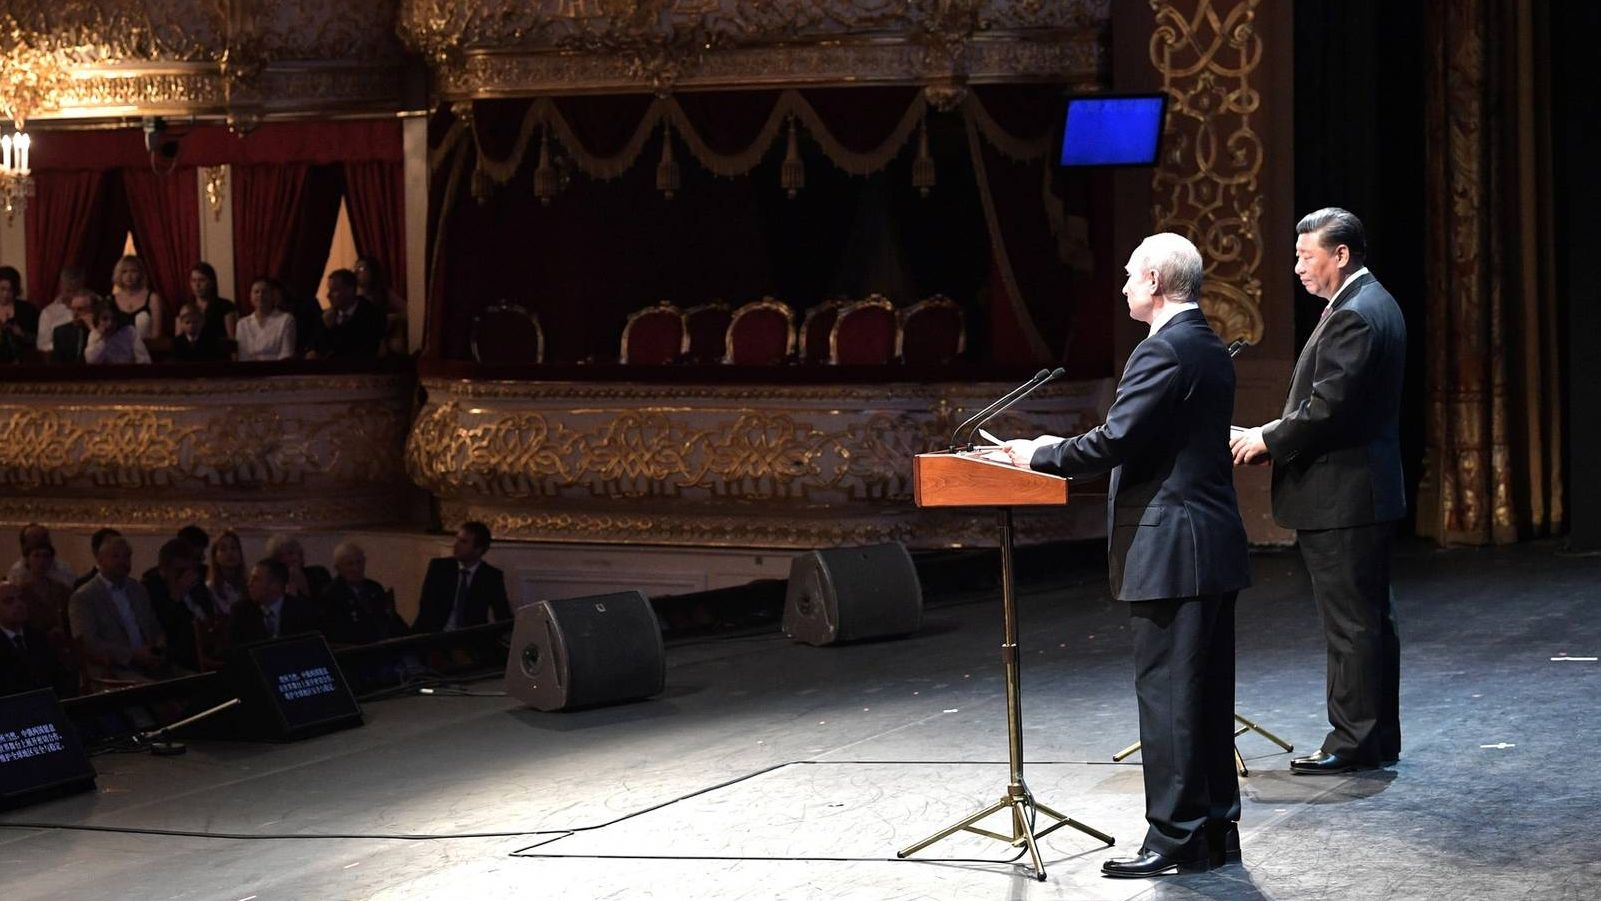 Владимир Путин и Си Цзиньпин в Большом театре